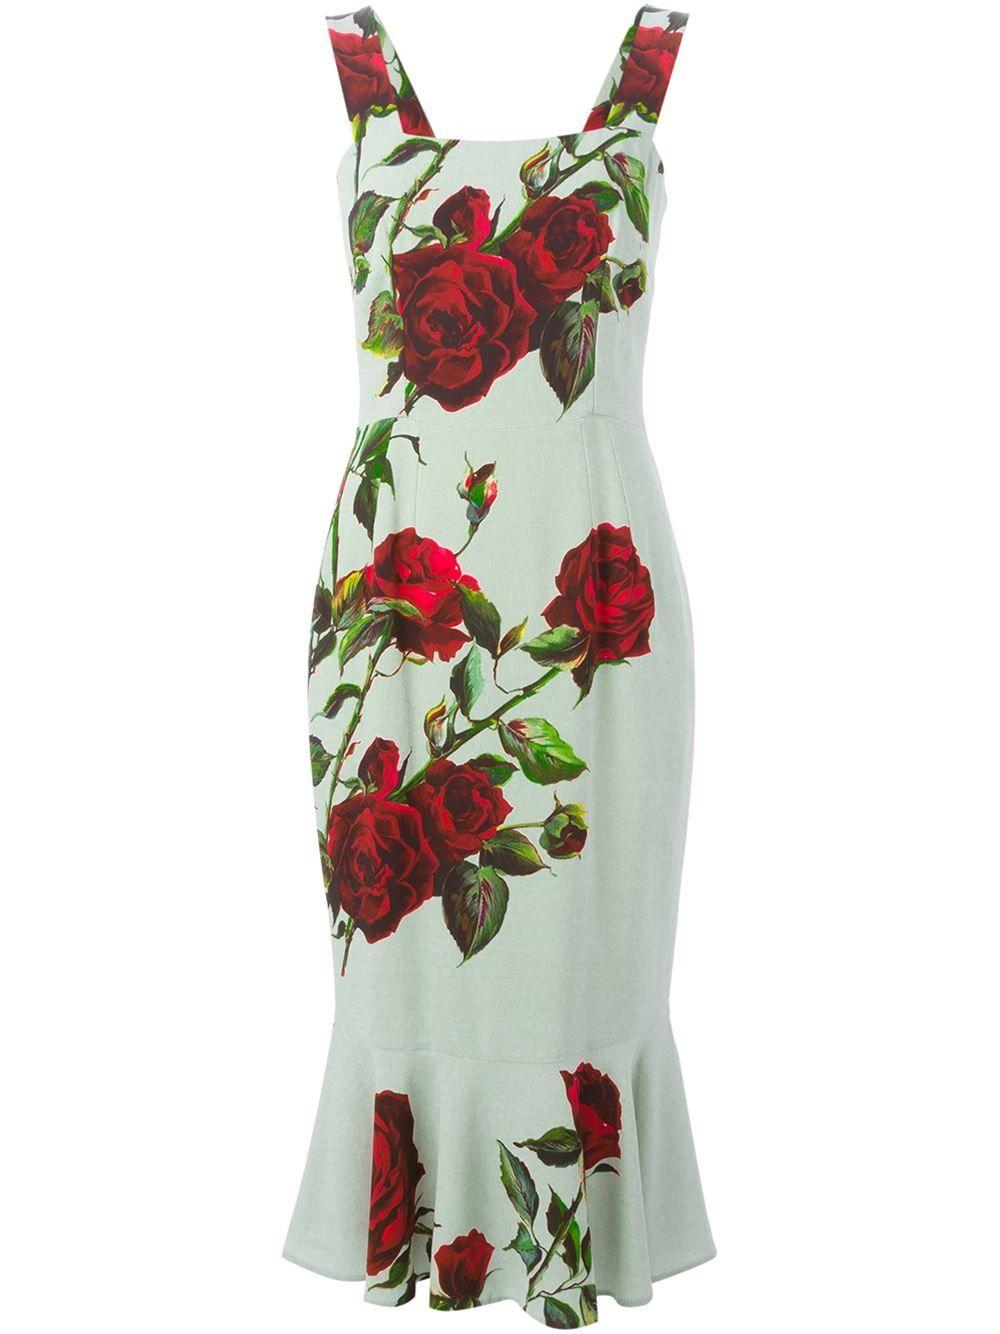 Dolce & Gabbana Enges Kleid Mit Rosen-print - Parisi - Farfetch